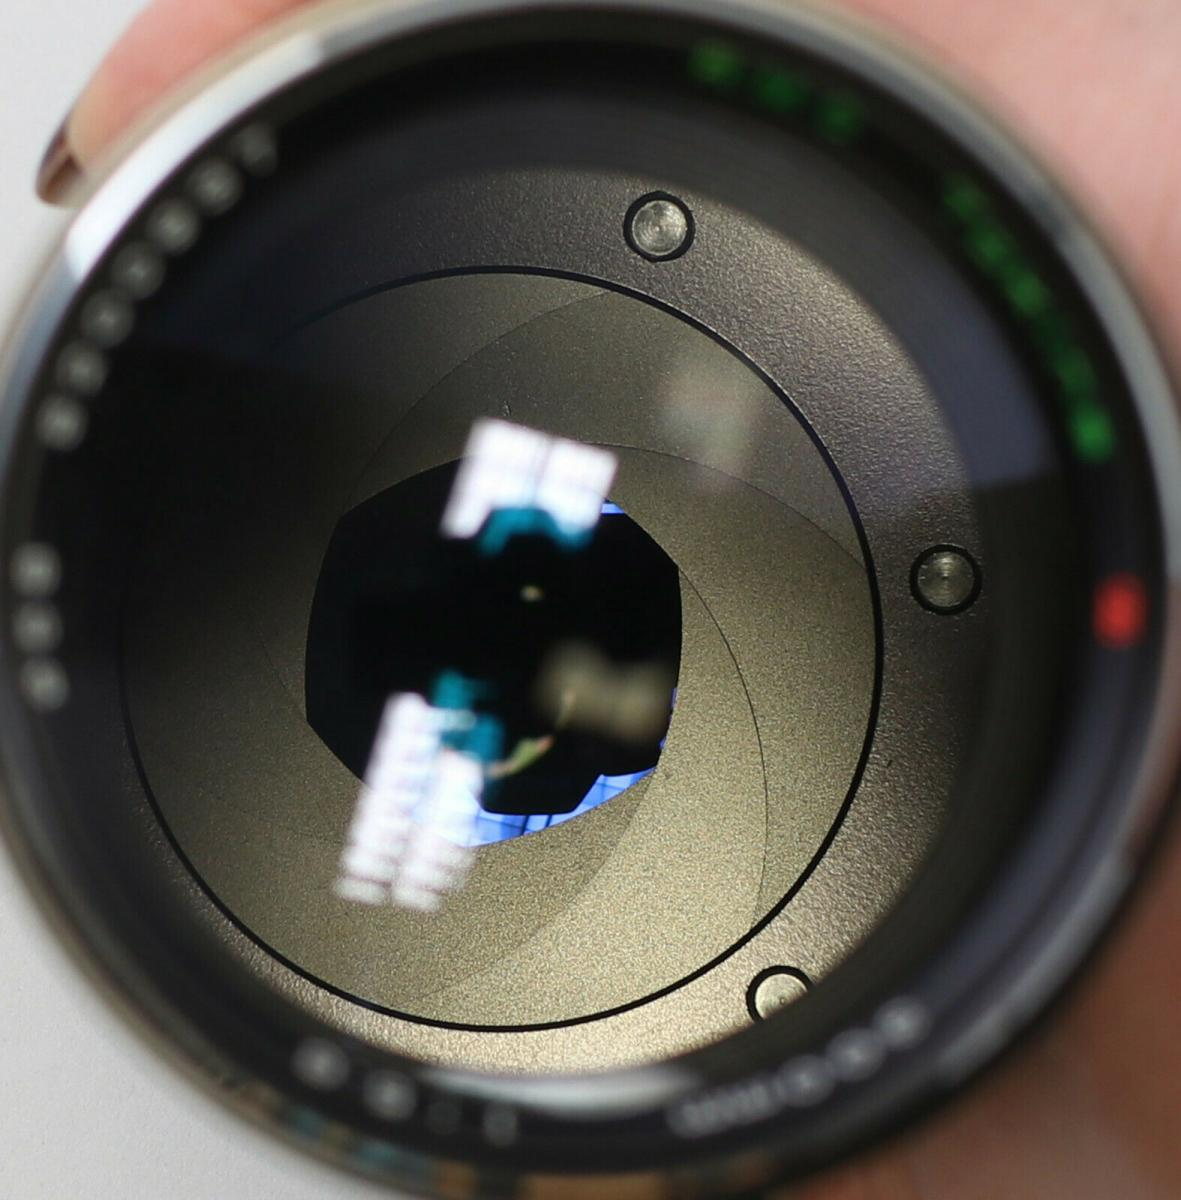 8470006 Spiegelreflexkamera Minolta XG-1 mit Zubehör 3 Objektive Tokina Foto 3